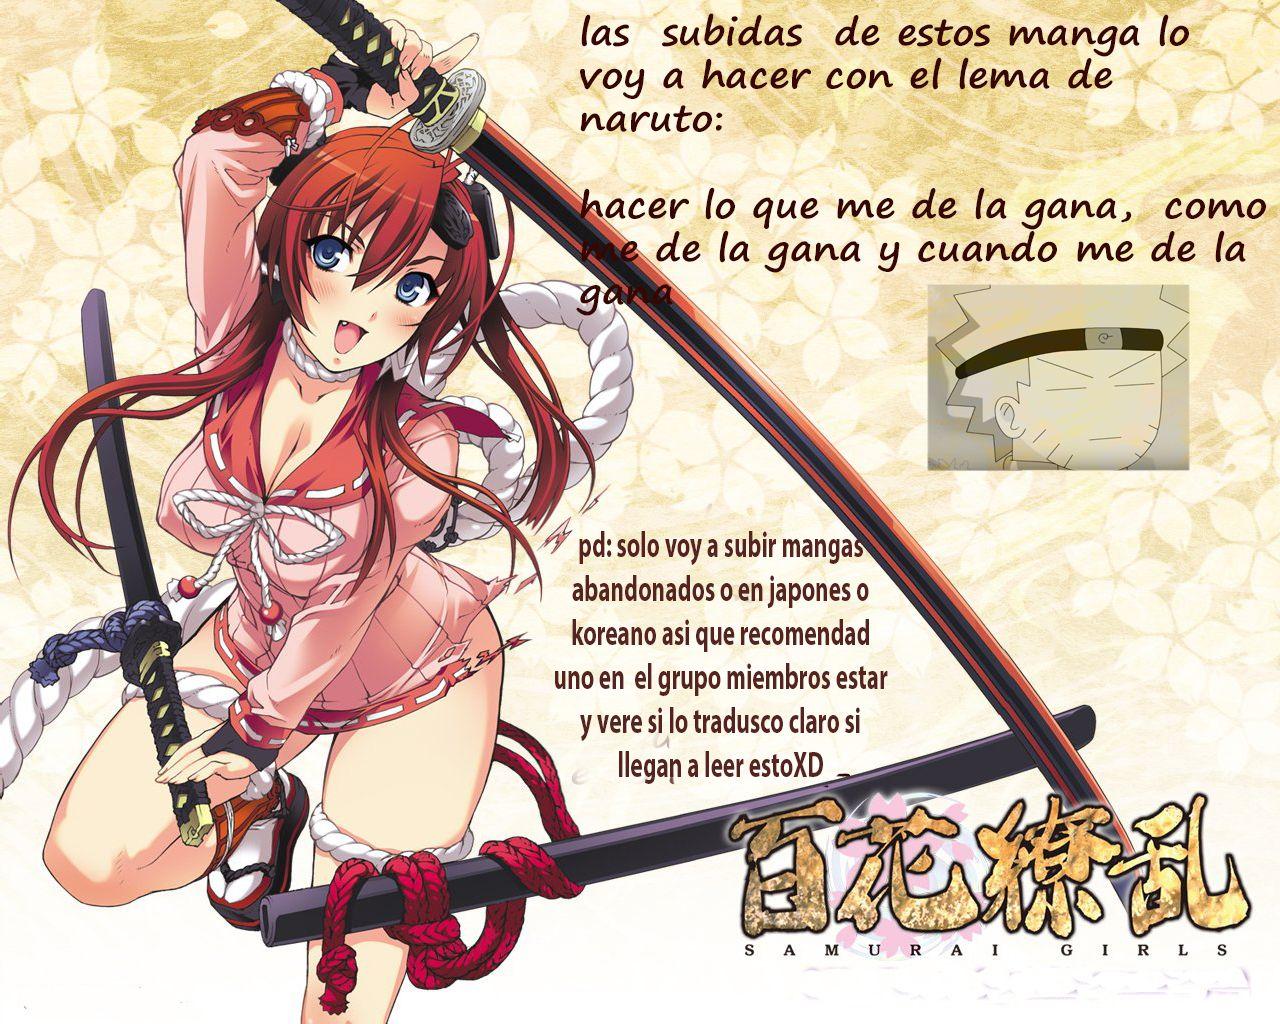 https://c5.mangatag.com/es_manga/pic2/56/16440/512608/f7cfdde9db36af8e0d9a6d123d5c385e.jpg Page 1